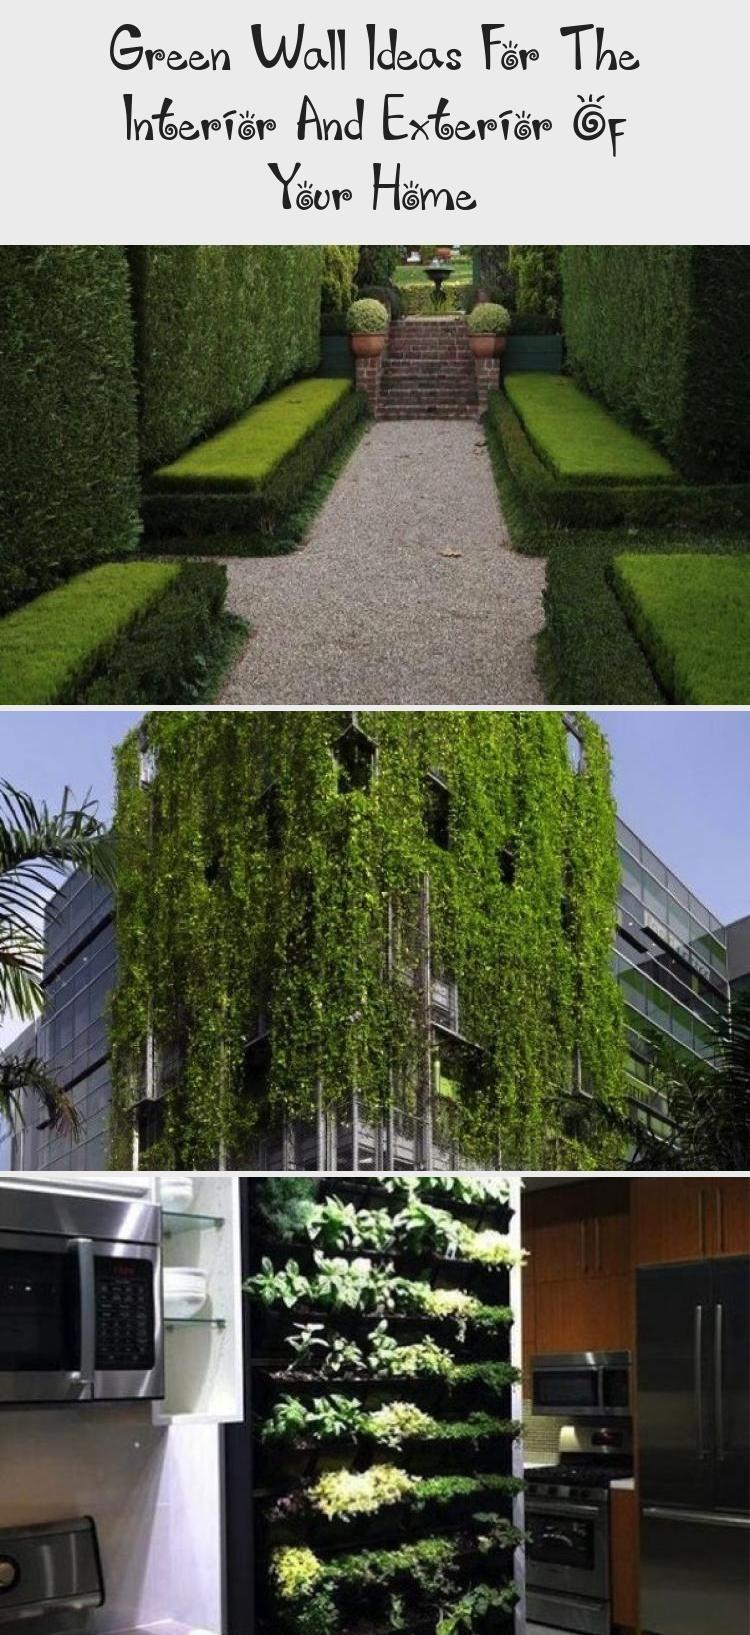 Garten - Gartengestaltung || Ideen den Garten zu gestalten #garten #gärtnern #gartenideen #gartengestaltung #Landschaftsgarten #landschaftsgarten